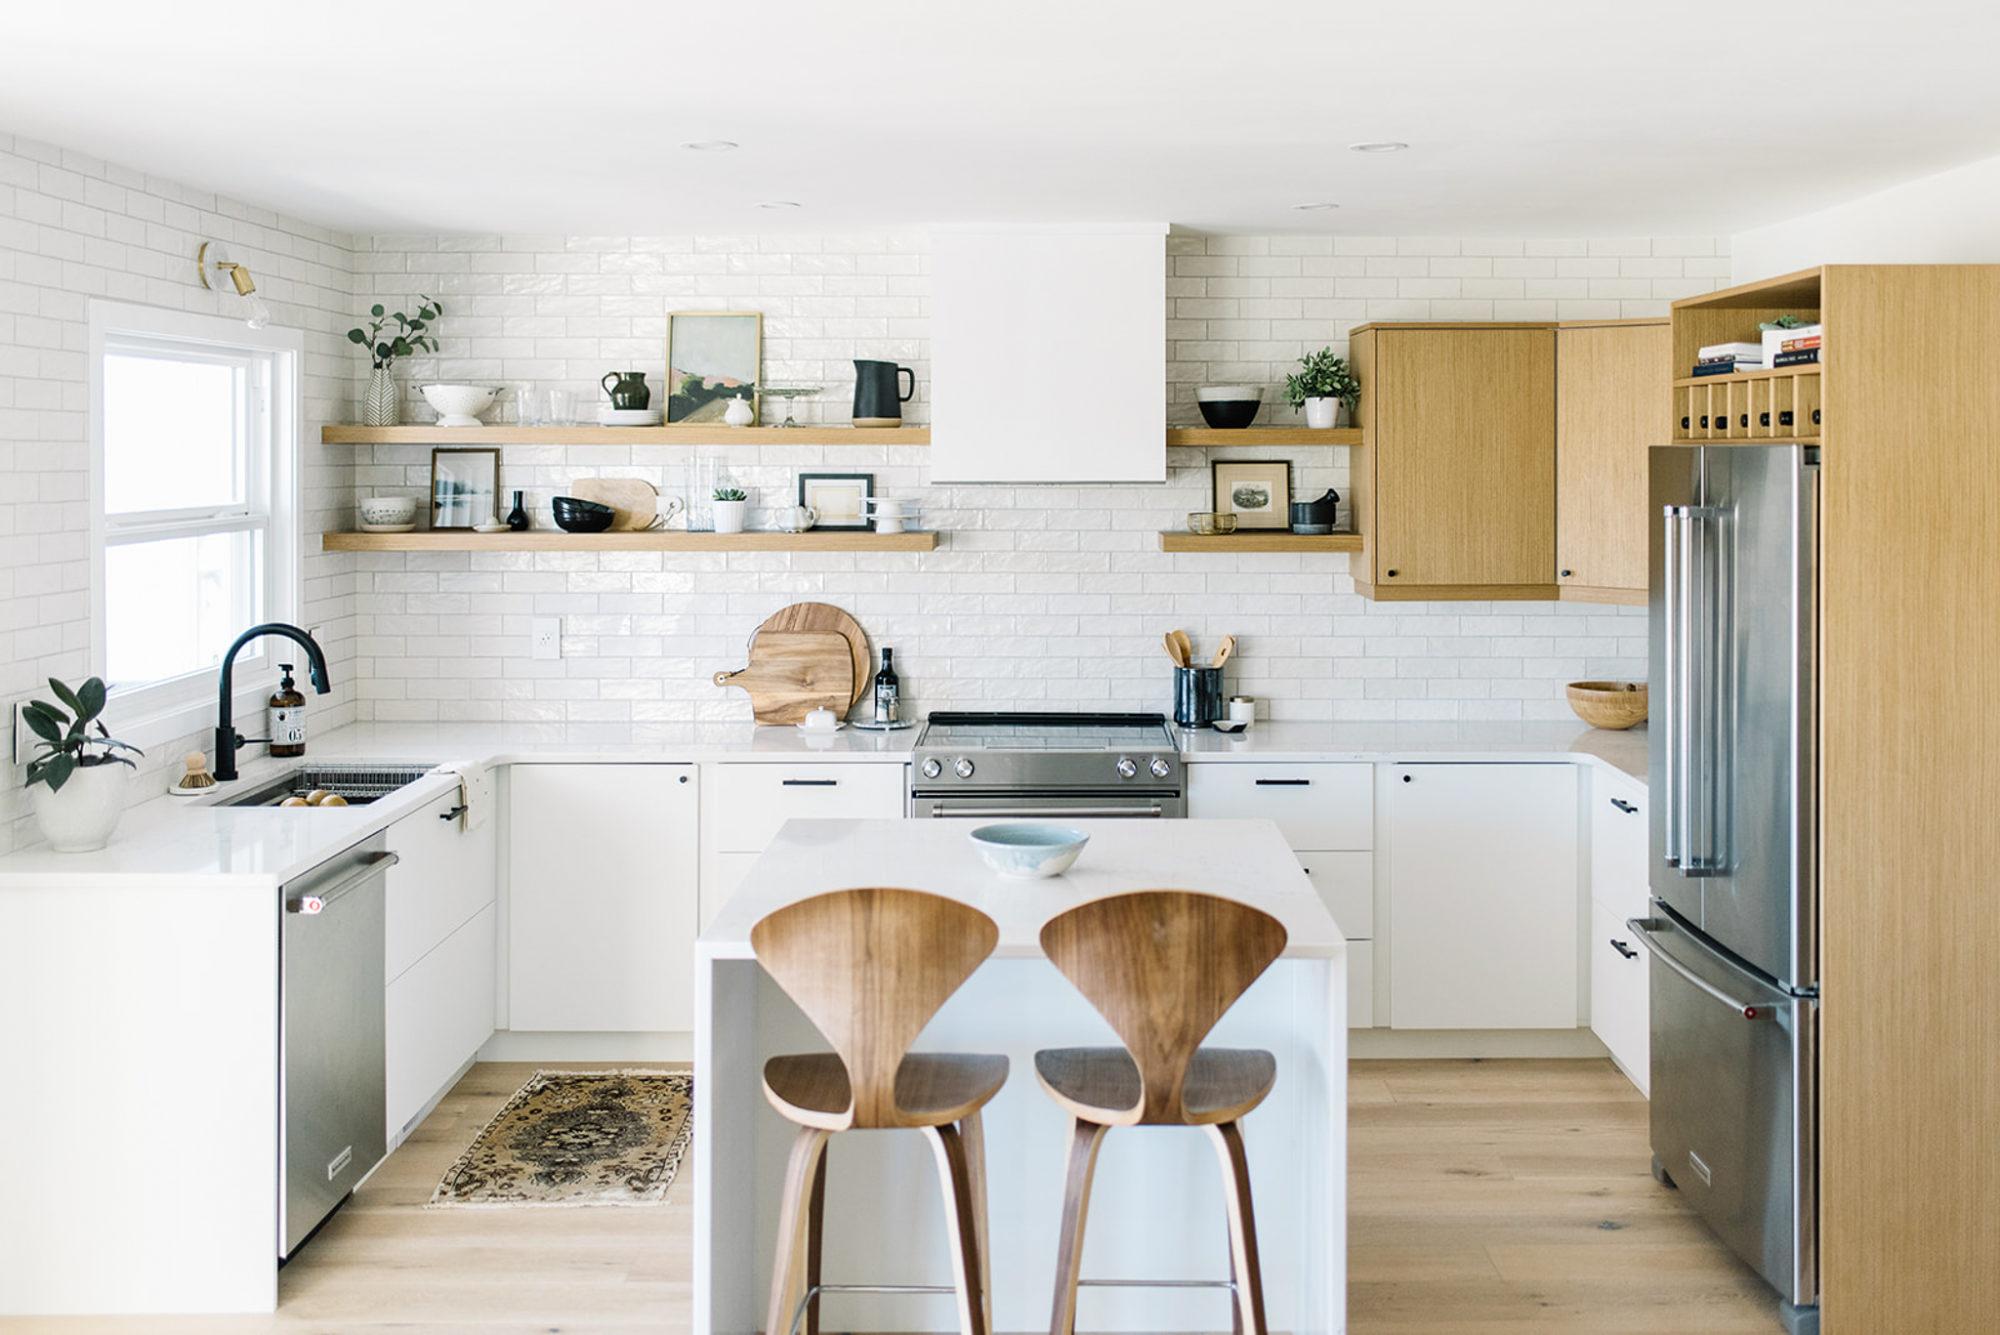 Ravine House Kitchen One Room Challenge, one room challenge, kitchen design